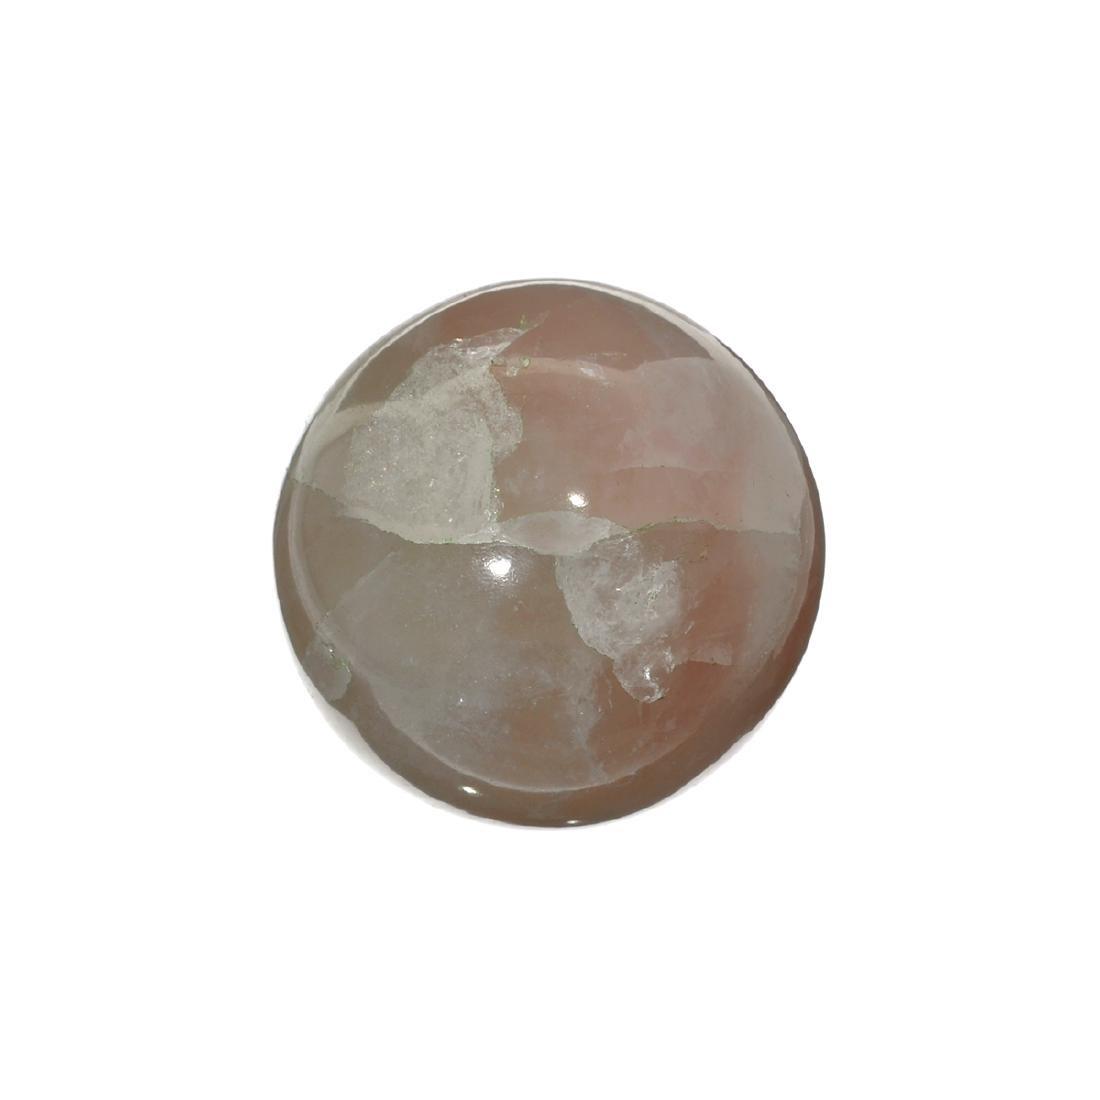 APP: 1k Rare 1,084.30CT Sphere Cut Rose Quartz Gemstone